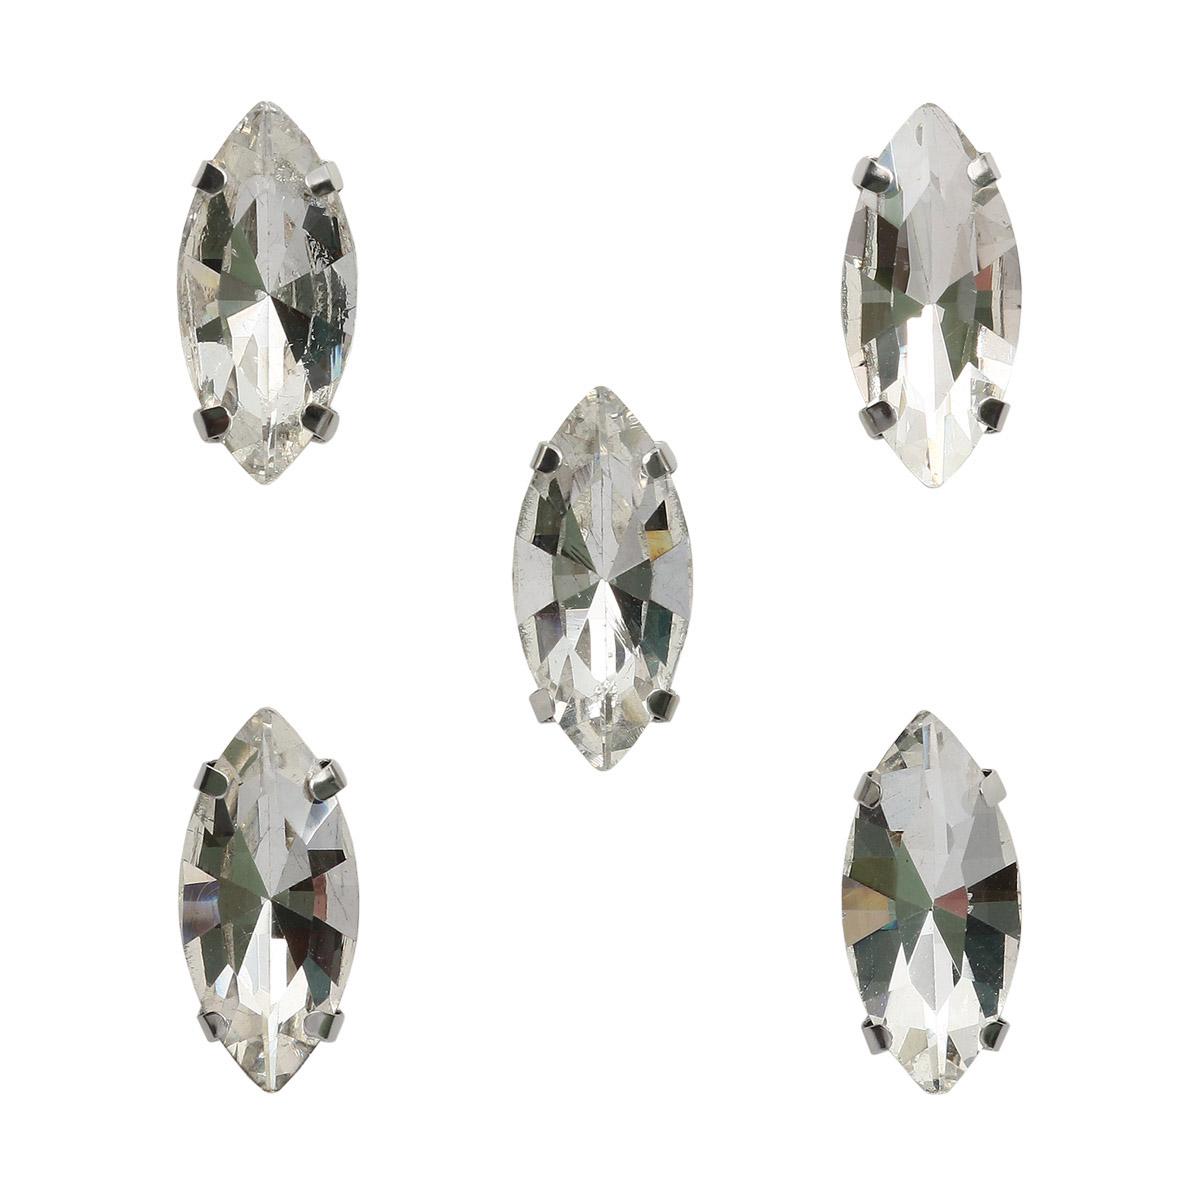 МЦ001НН715 Хрустальные стразы в цапах формы 'миндаль', белый 7х15 мм, 5 шт.